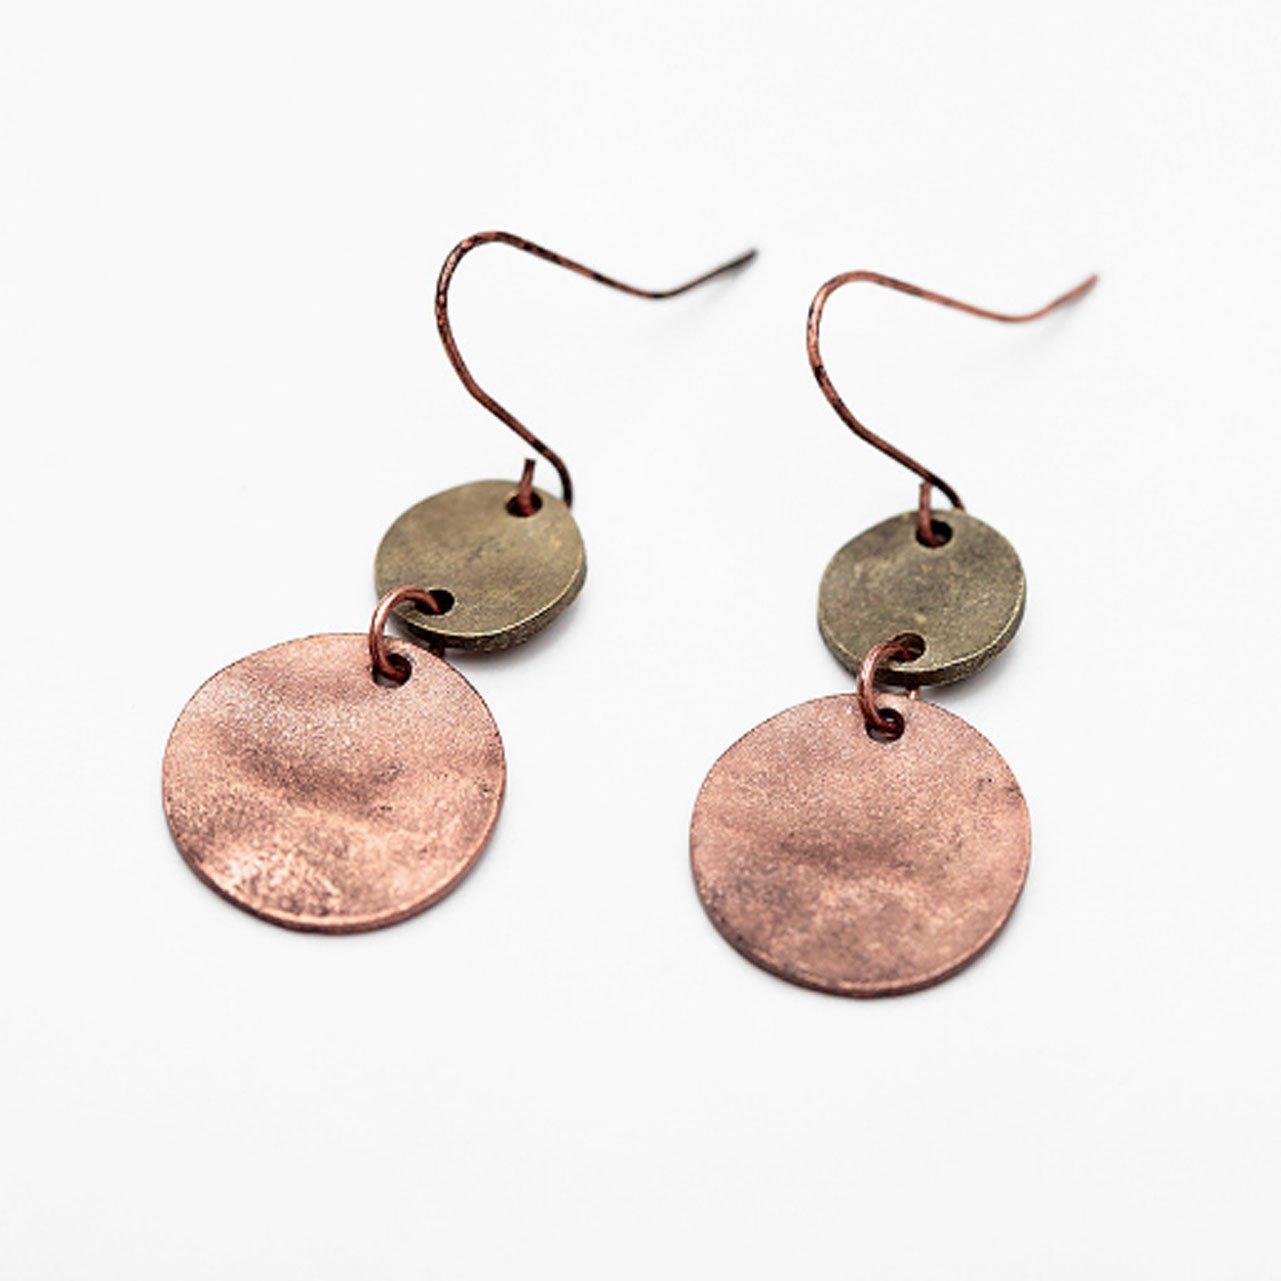 Women Drop Earrings Double Circular Pendant Earring Zinc Alloy Earrings Vintage Jewelry